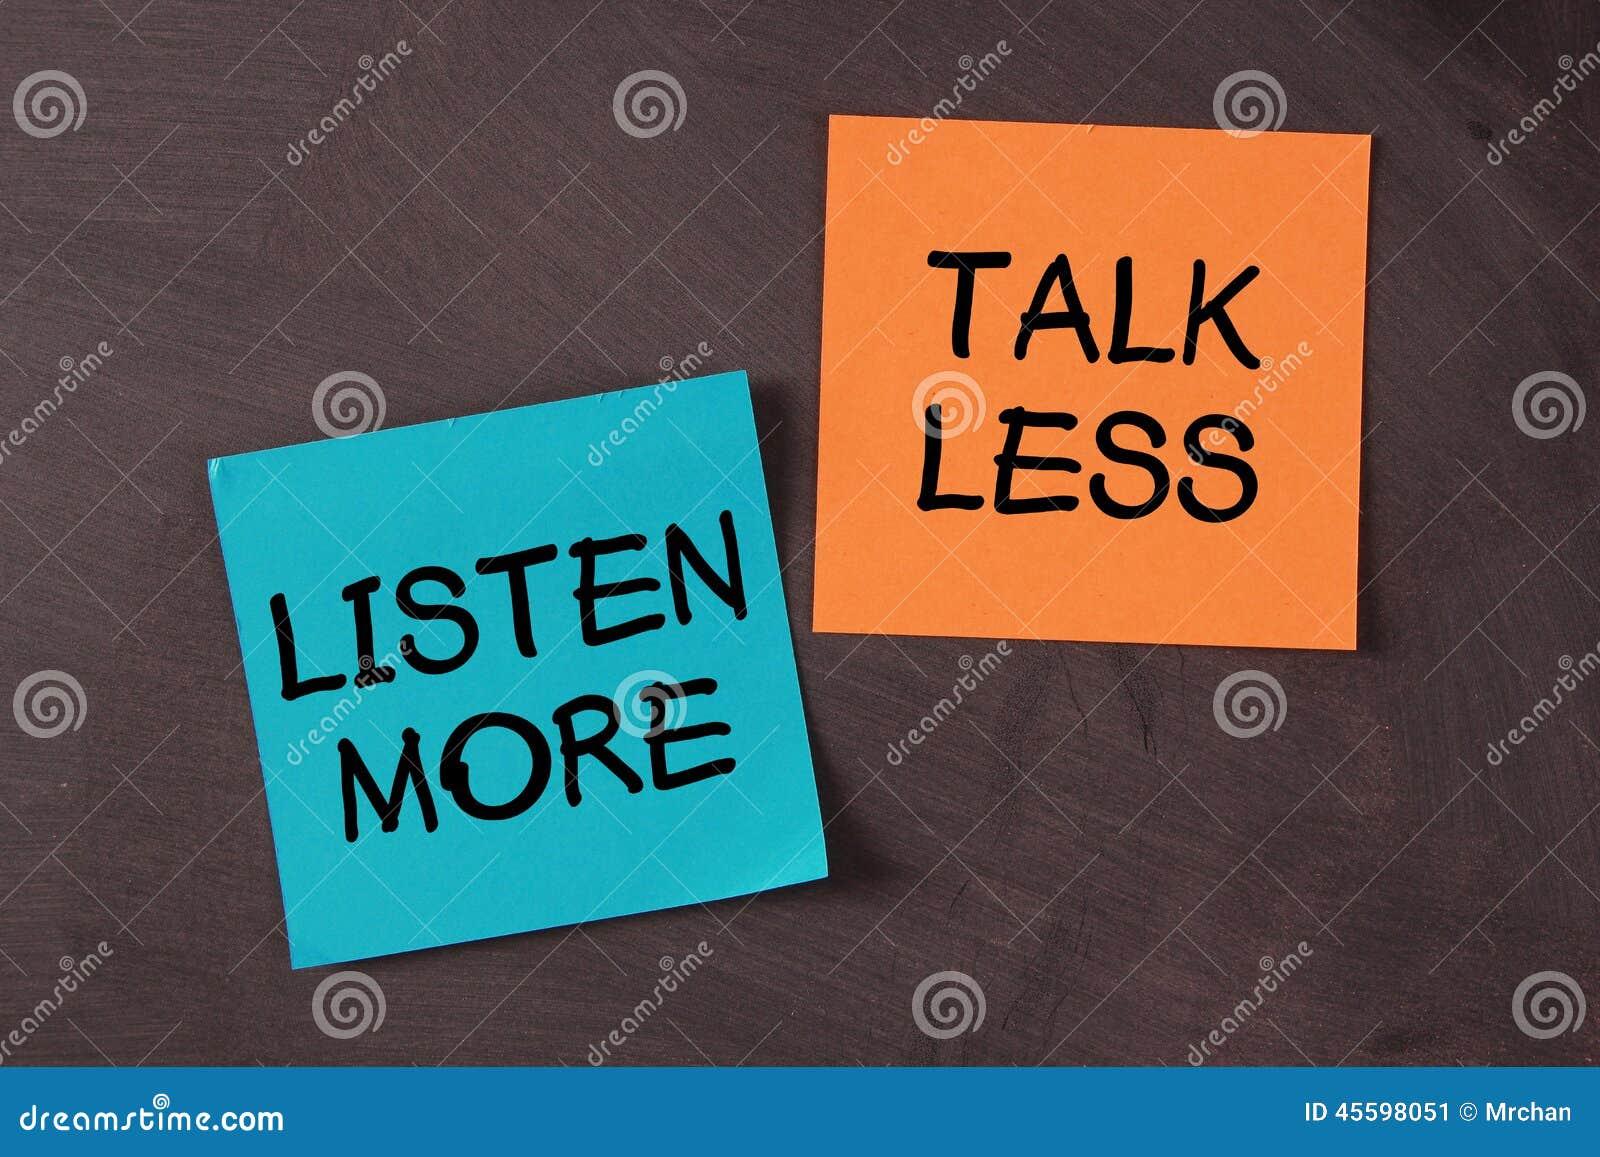 Fale Menos E Escute Mais Imagem De Stock. Imagem De Colado